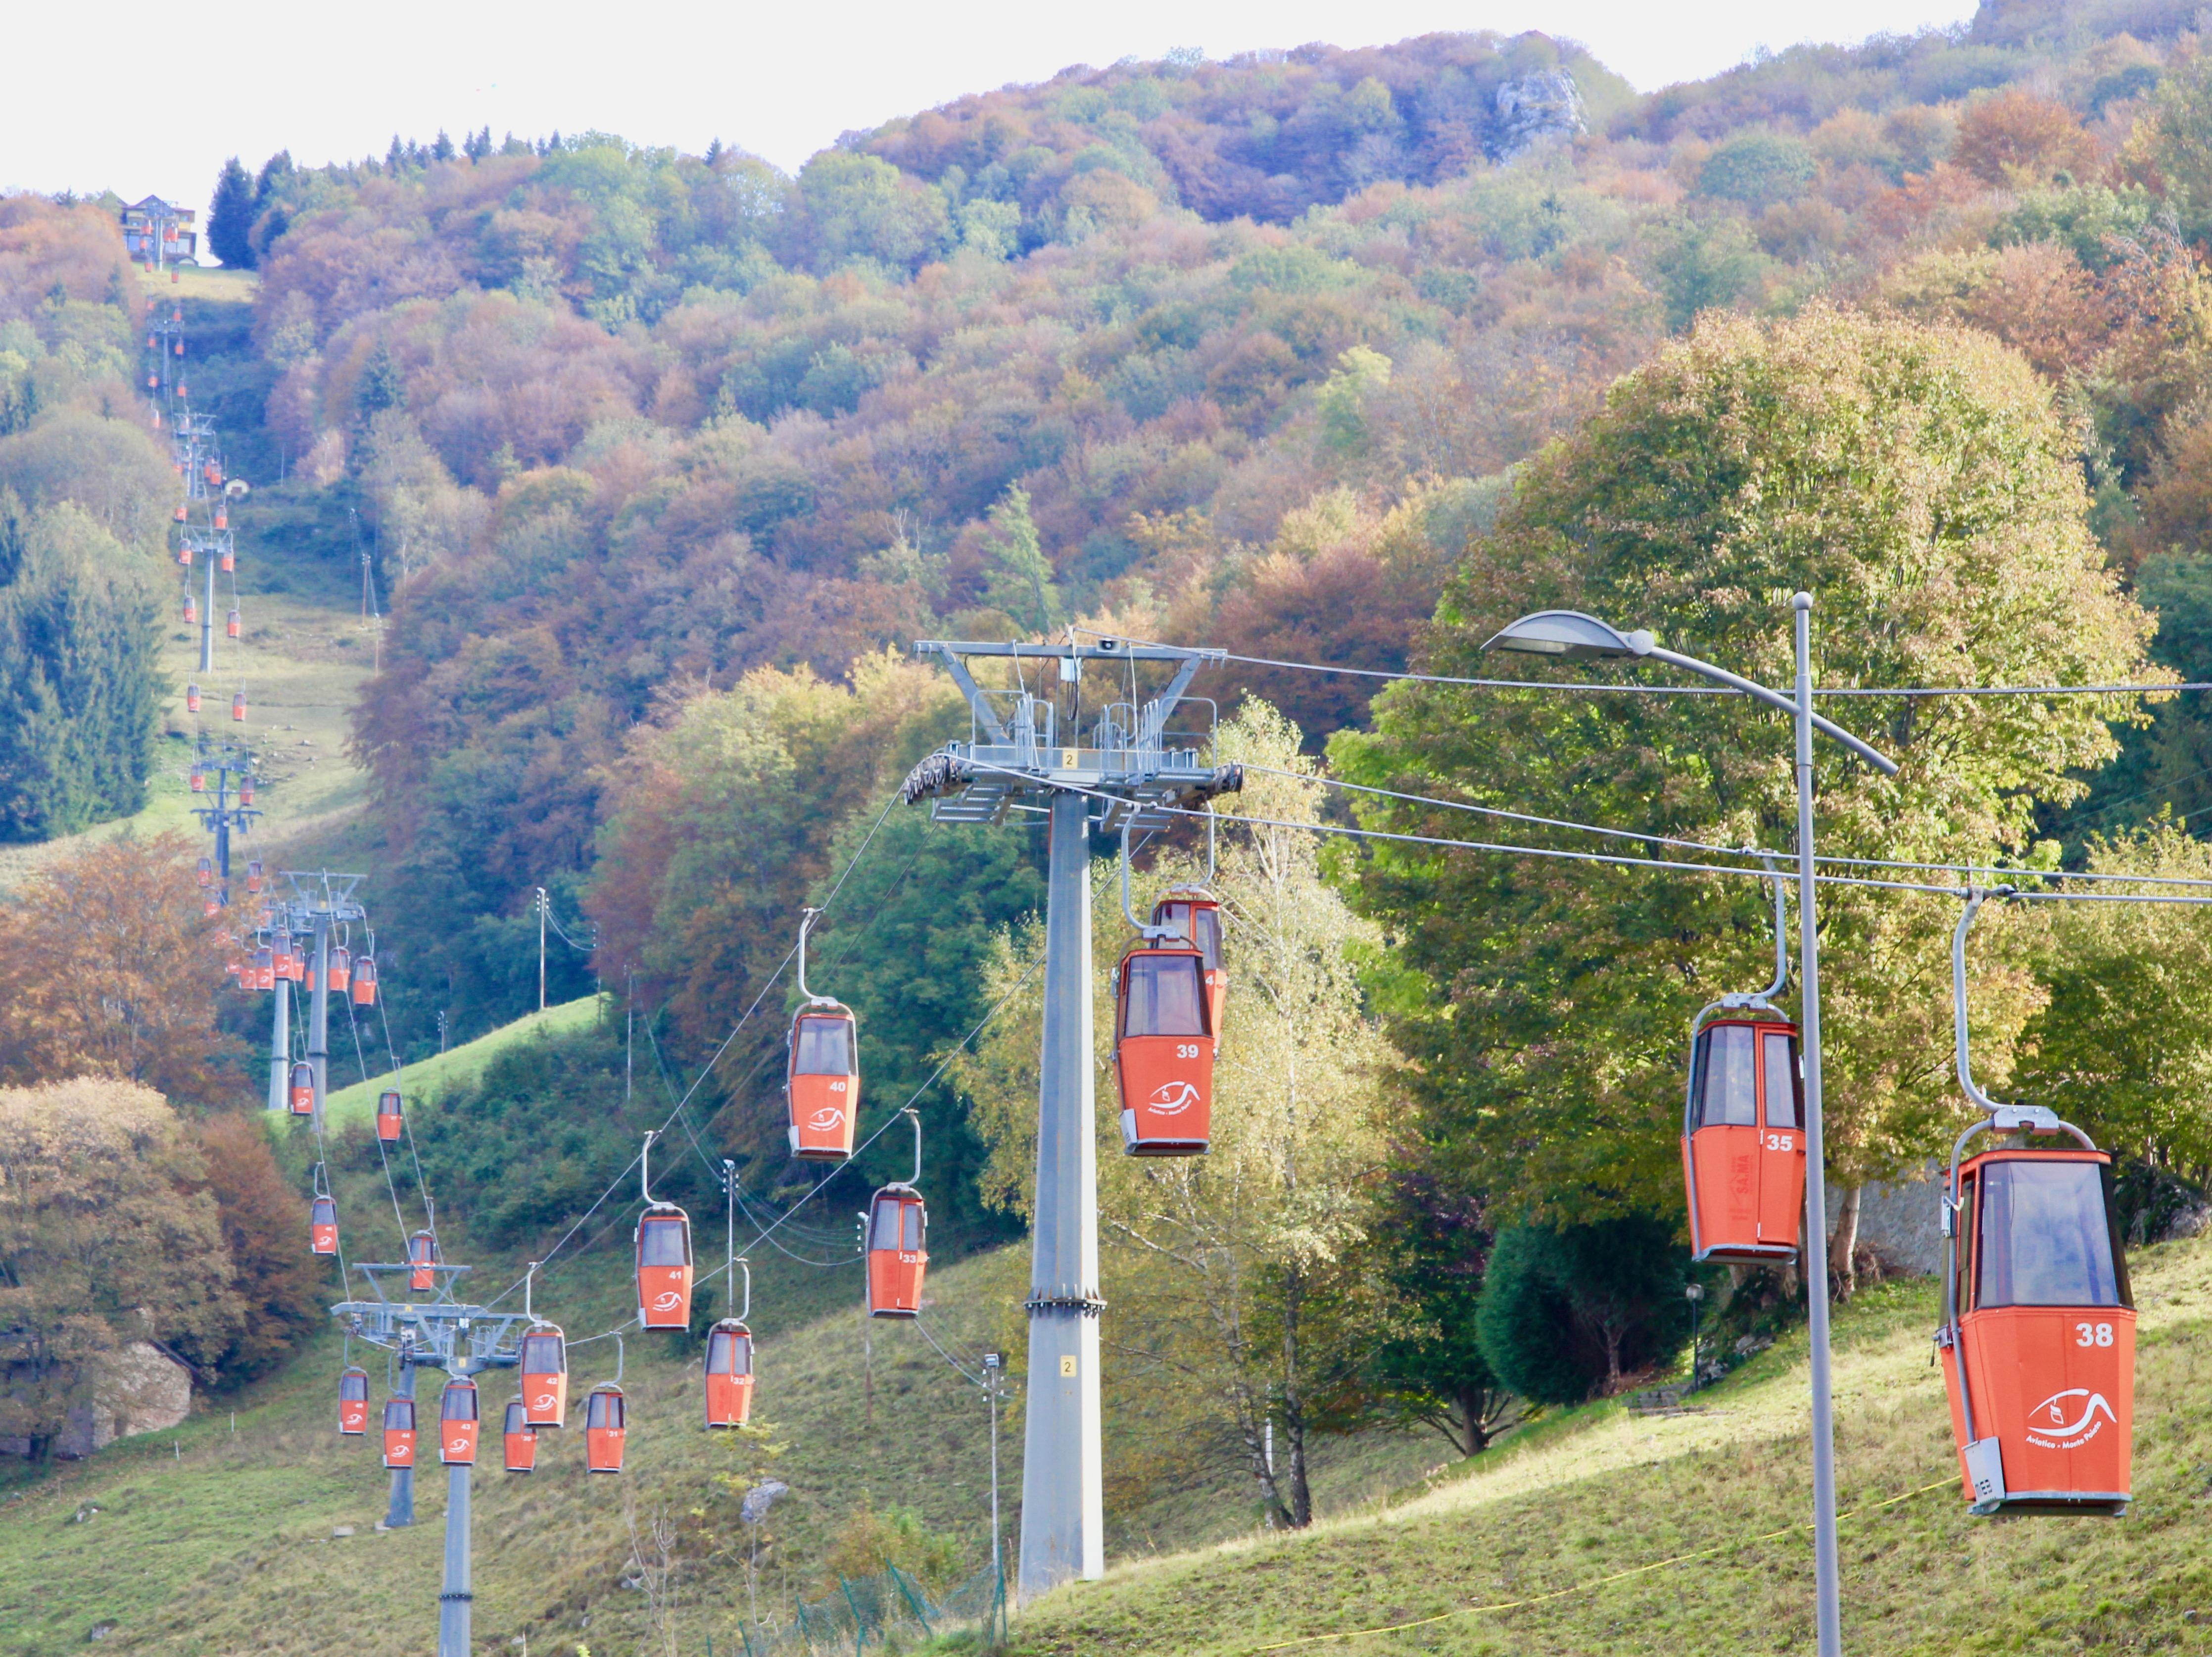 Cabinovia Rifugio Monte Poieto